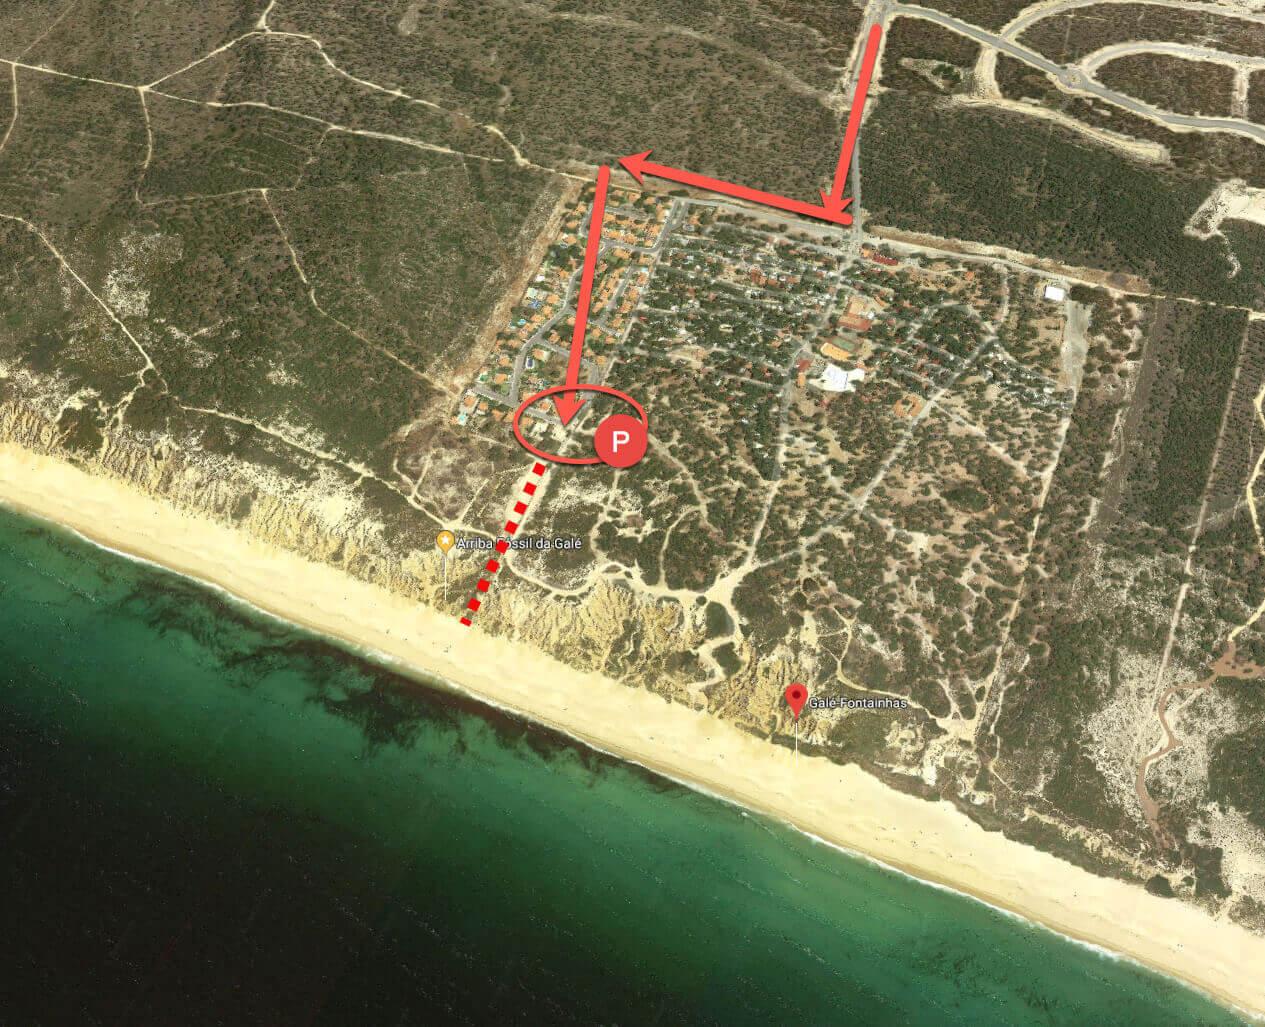 How to get to Fontainhas Gale beach